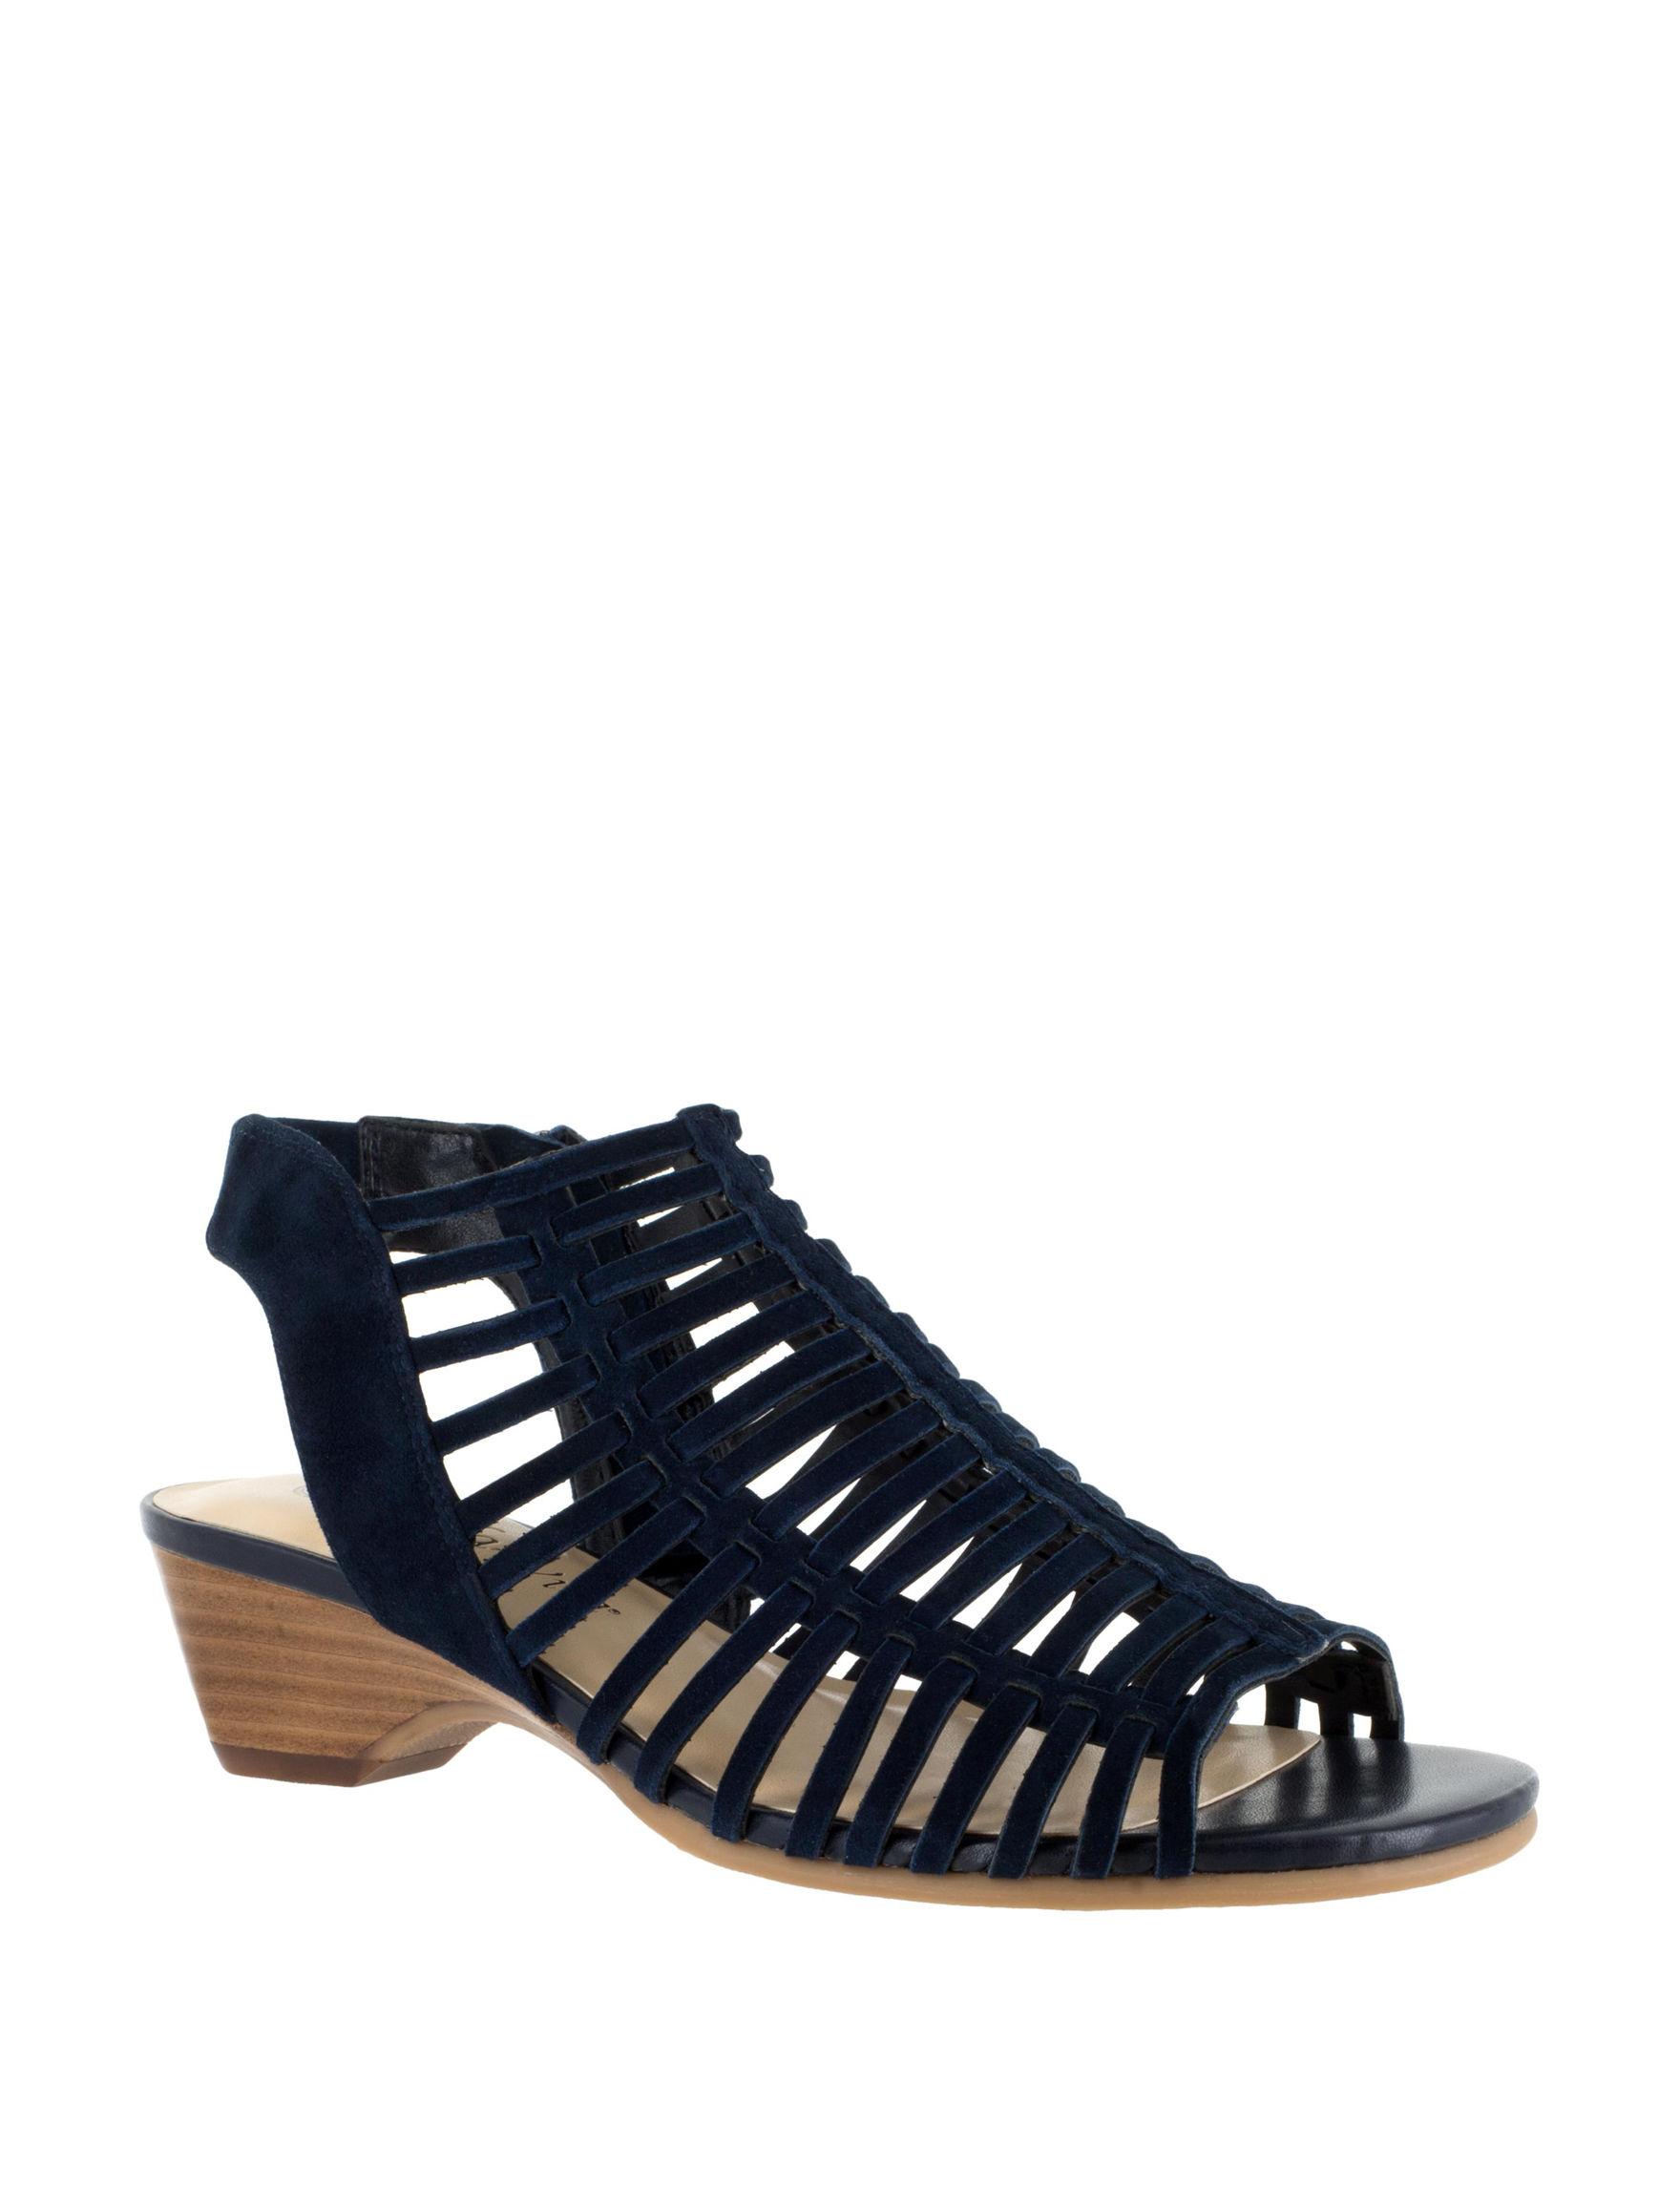 Bella Vita Navy Wedge Sandals